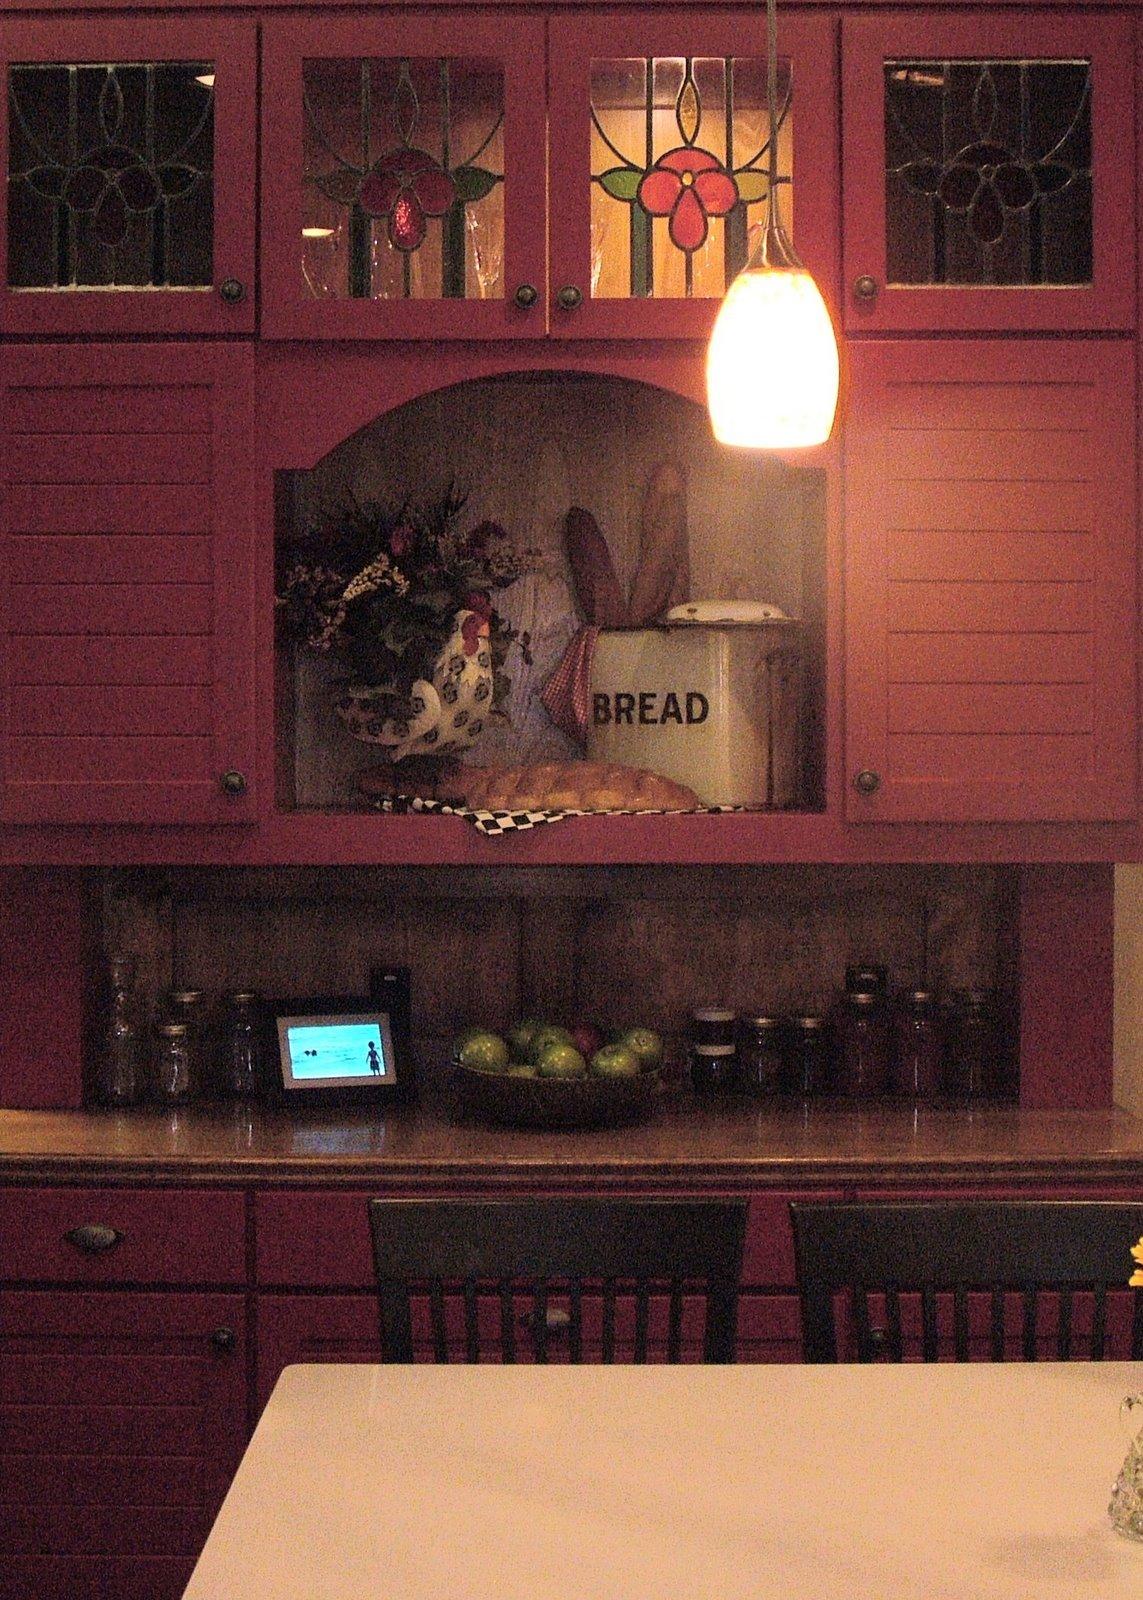 [kitchencabinet.jpg]